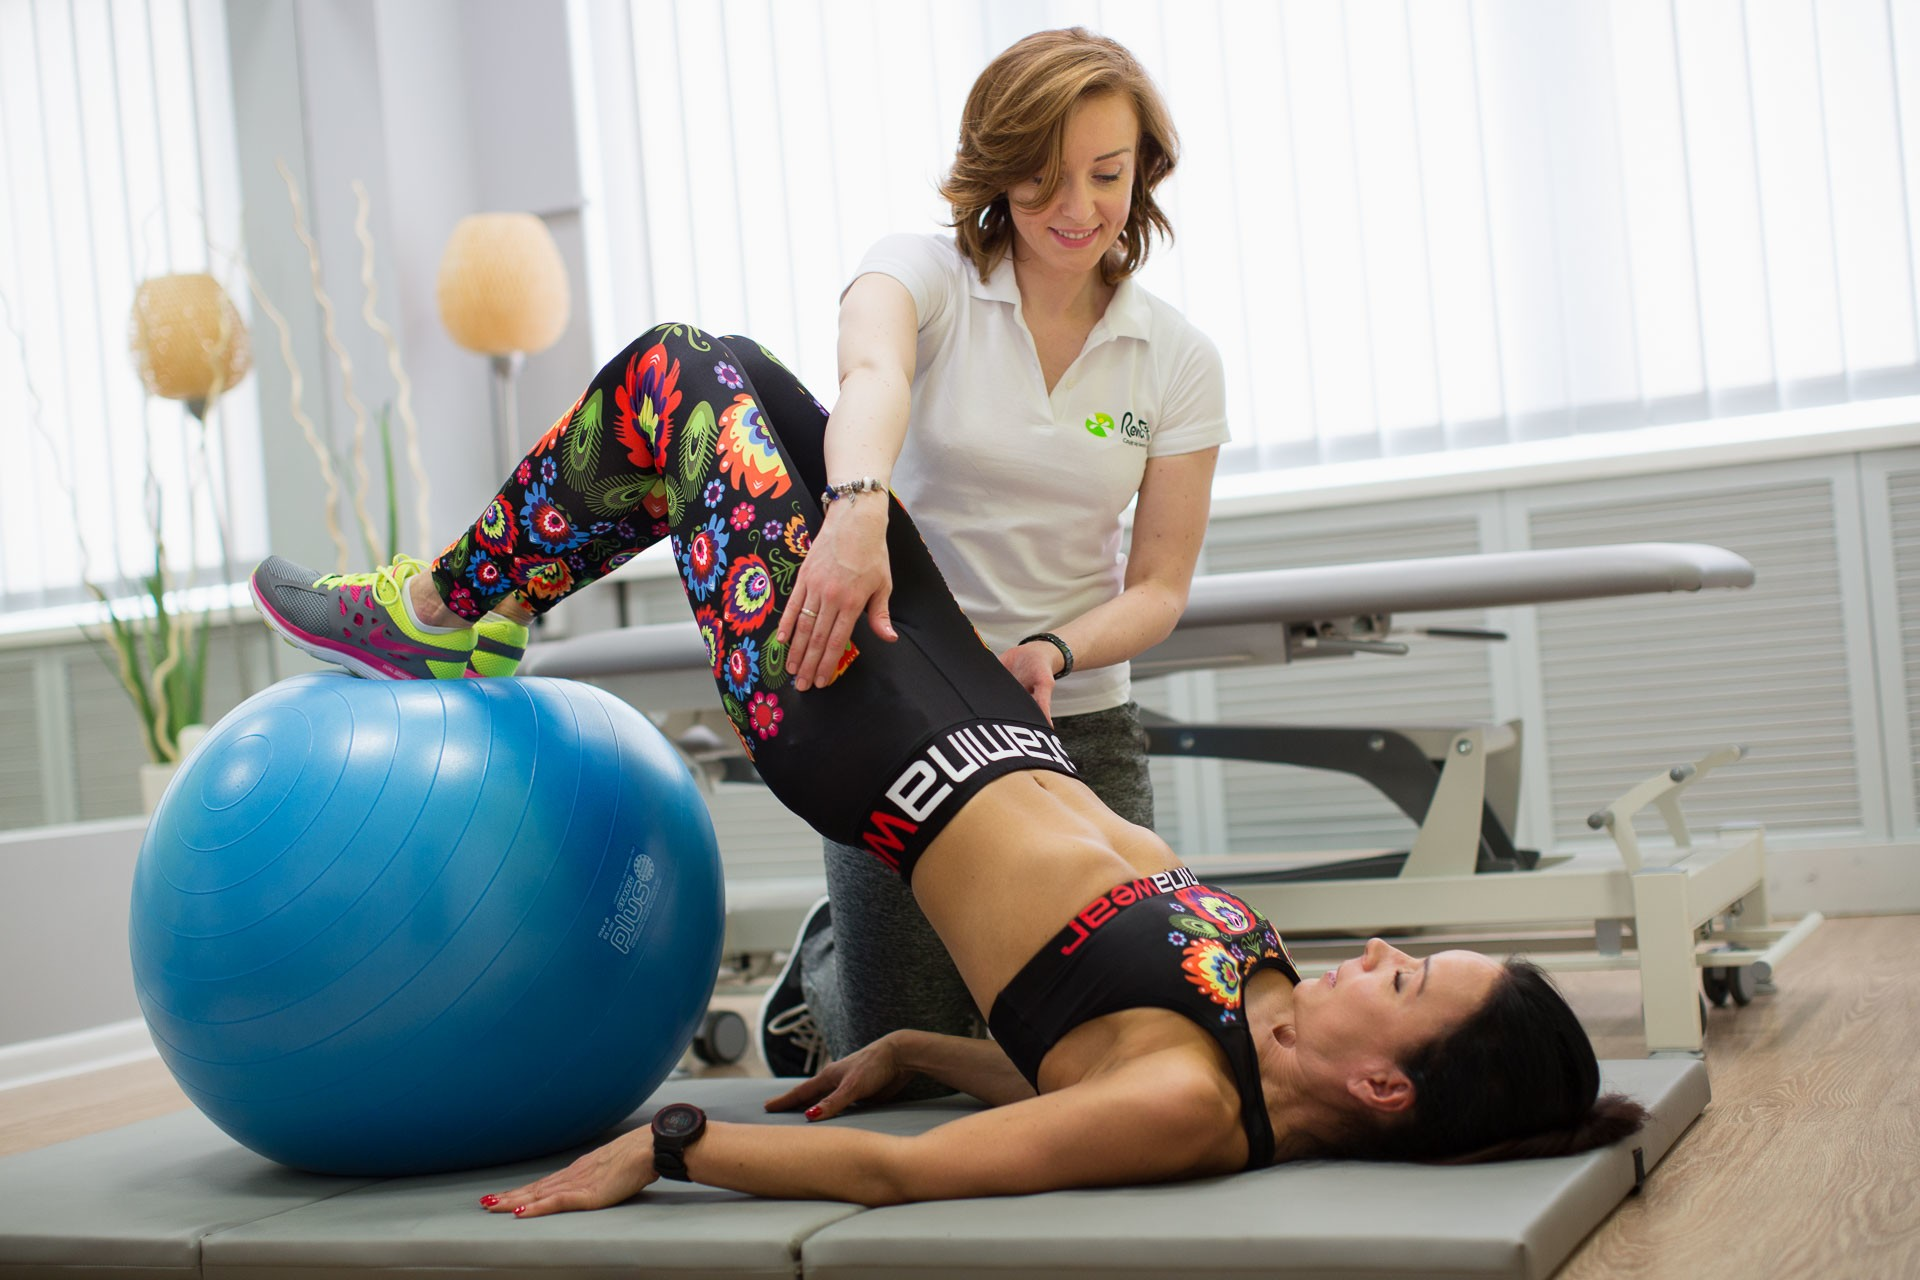 Ćwiczenia stabilizujące to nieodzowna część prawidłowo prowadzonej rehabilitacji kręgosłupa.